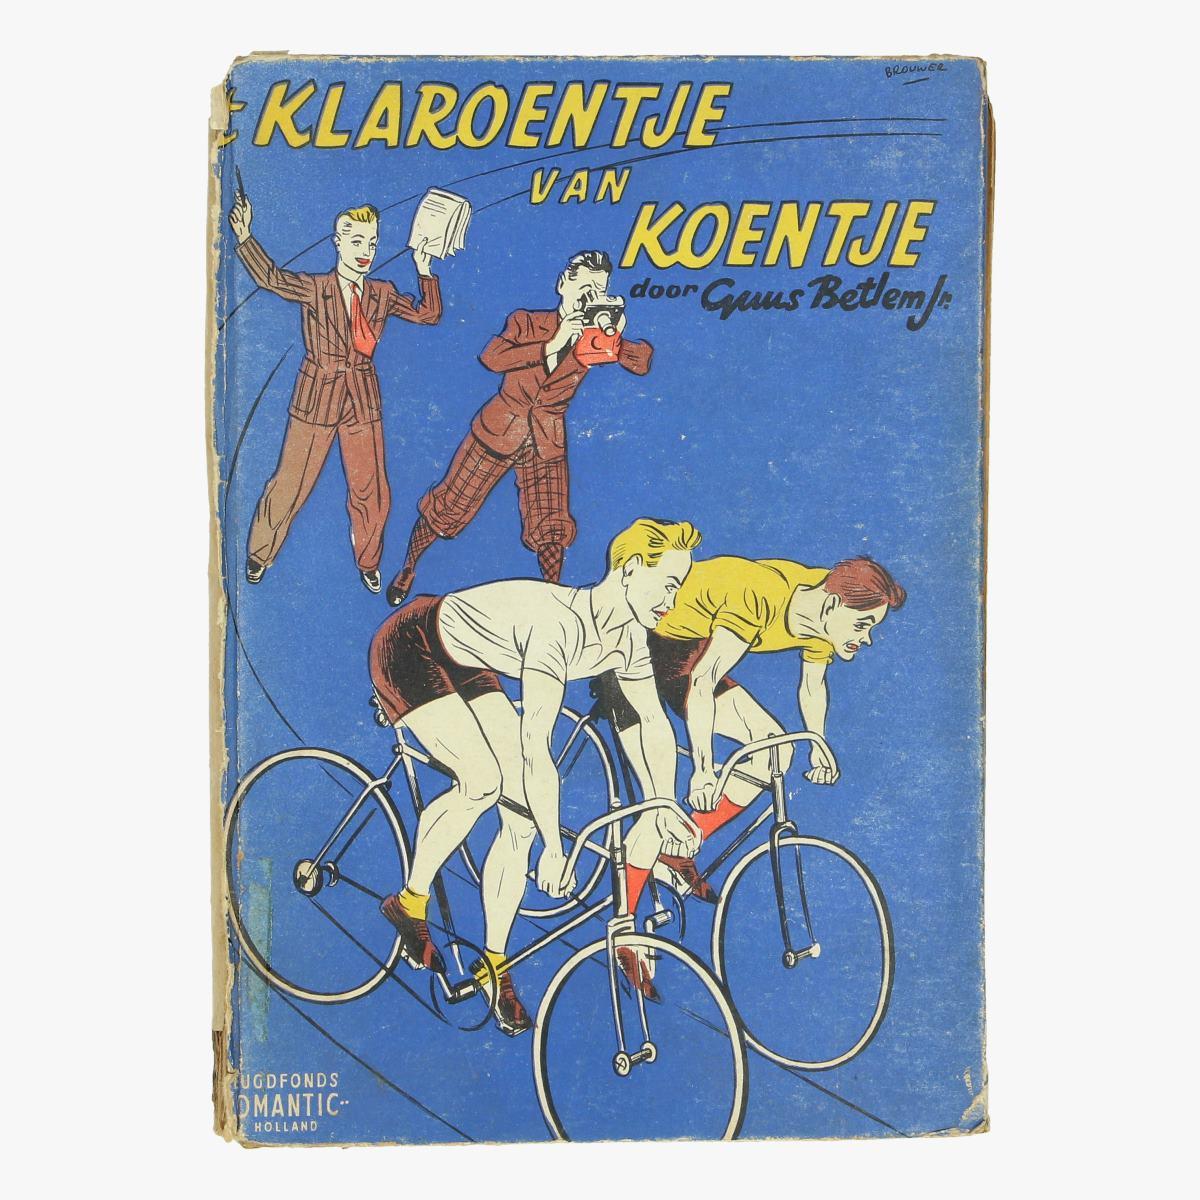 Afbeeldingen van oude boek wielrennen 't Klaroentje van koentje uitgever jeugdfonds-romantic-holland